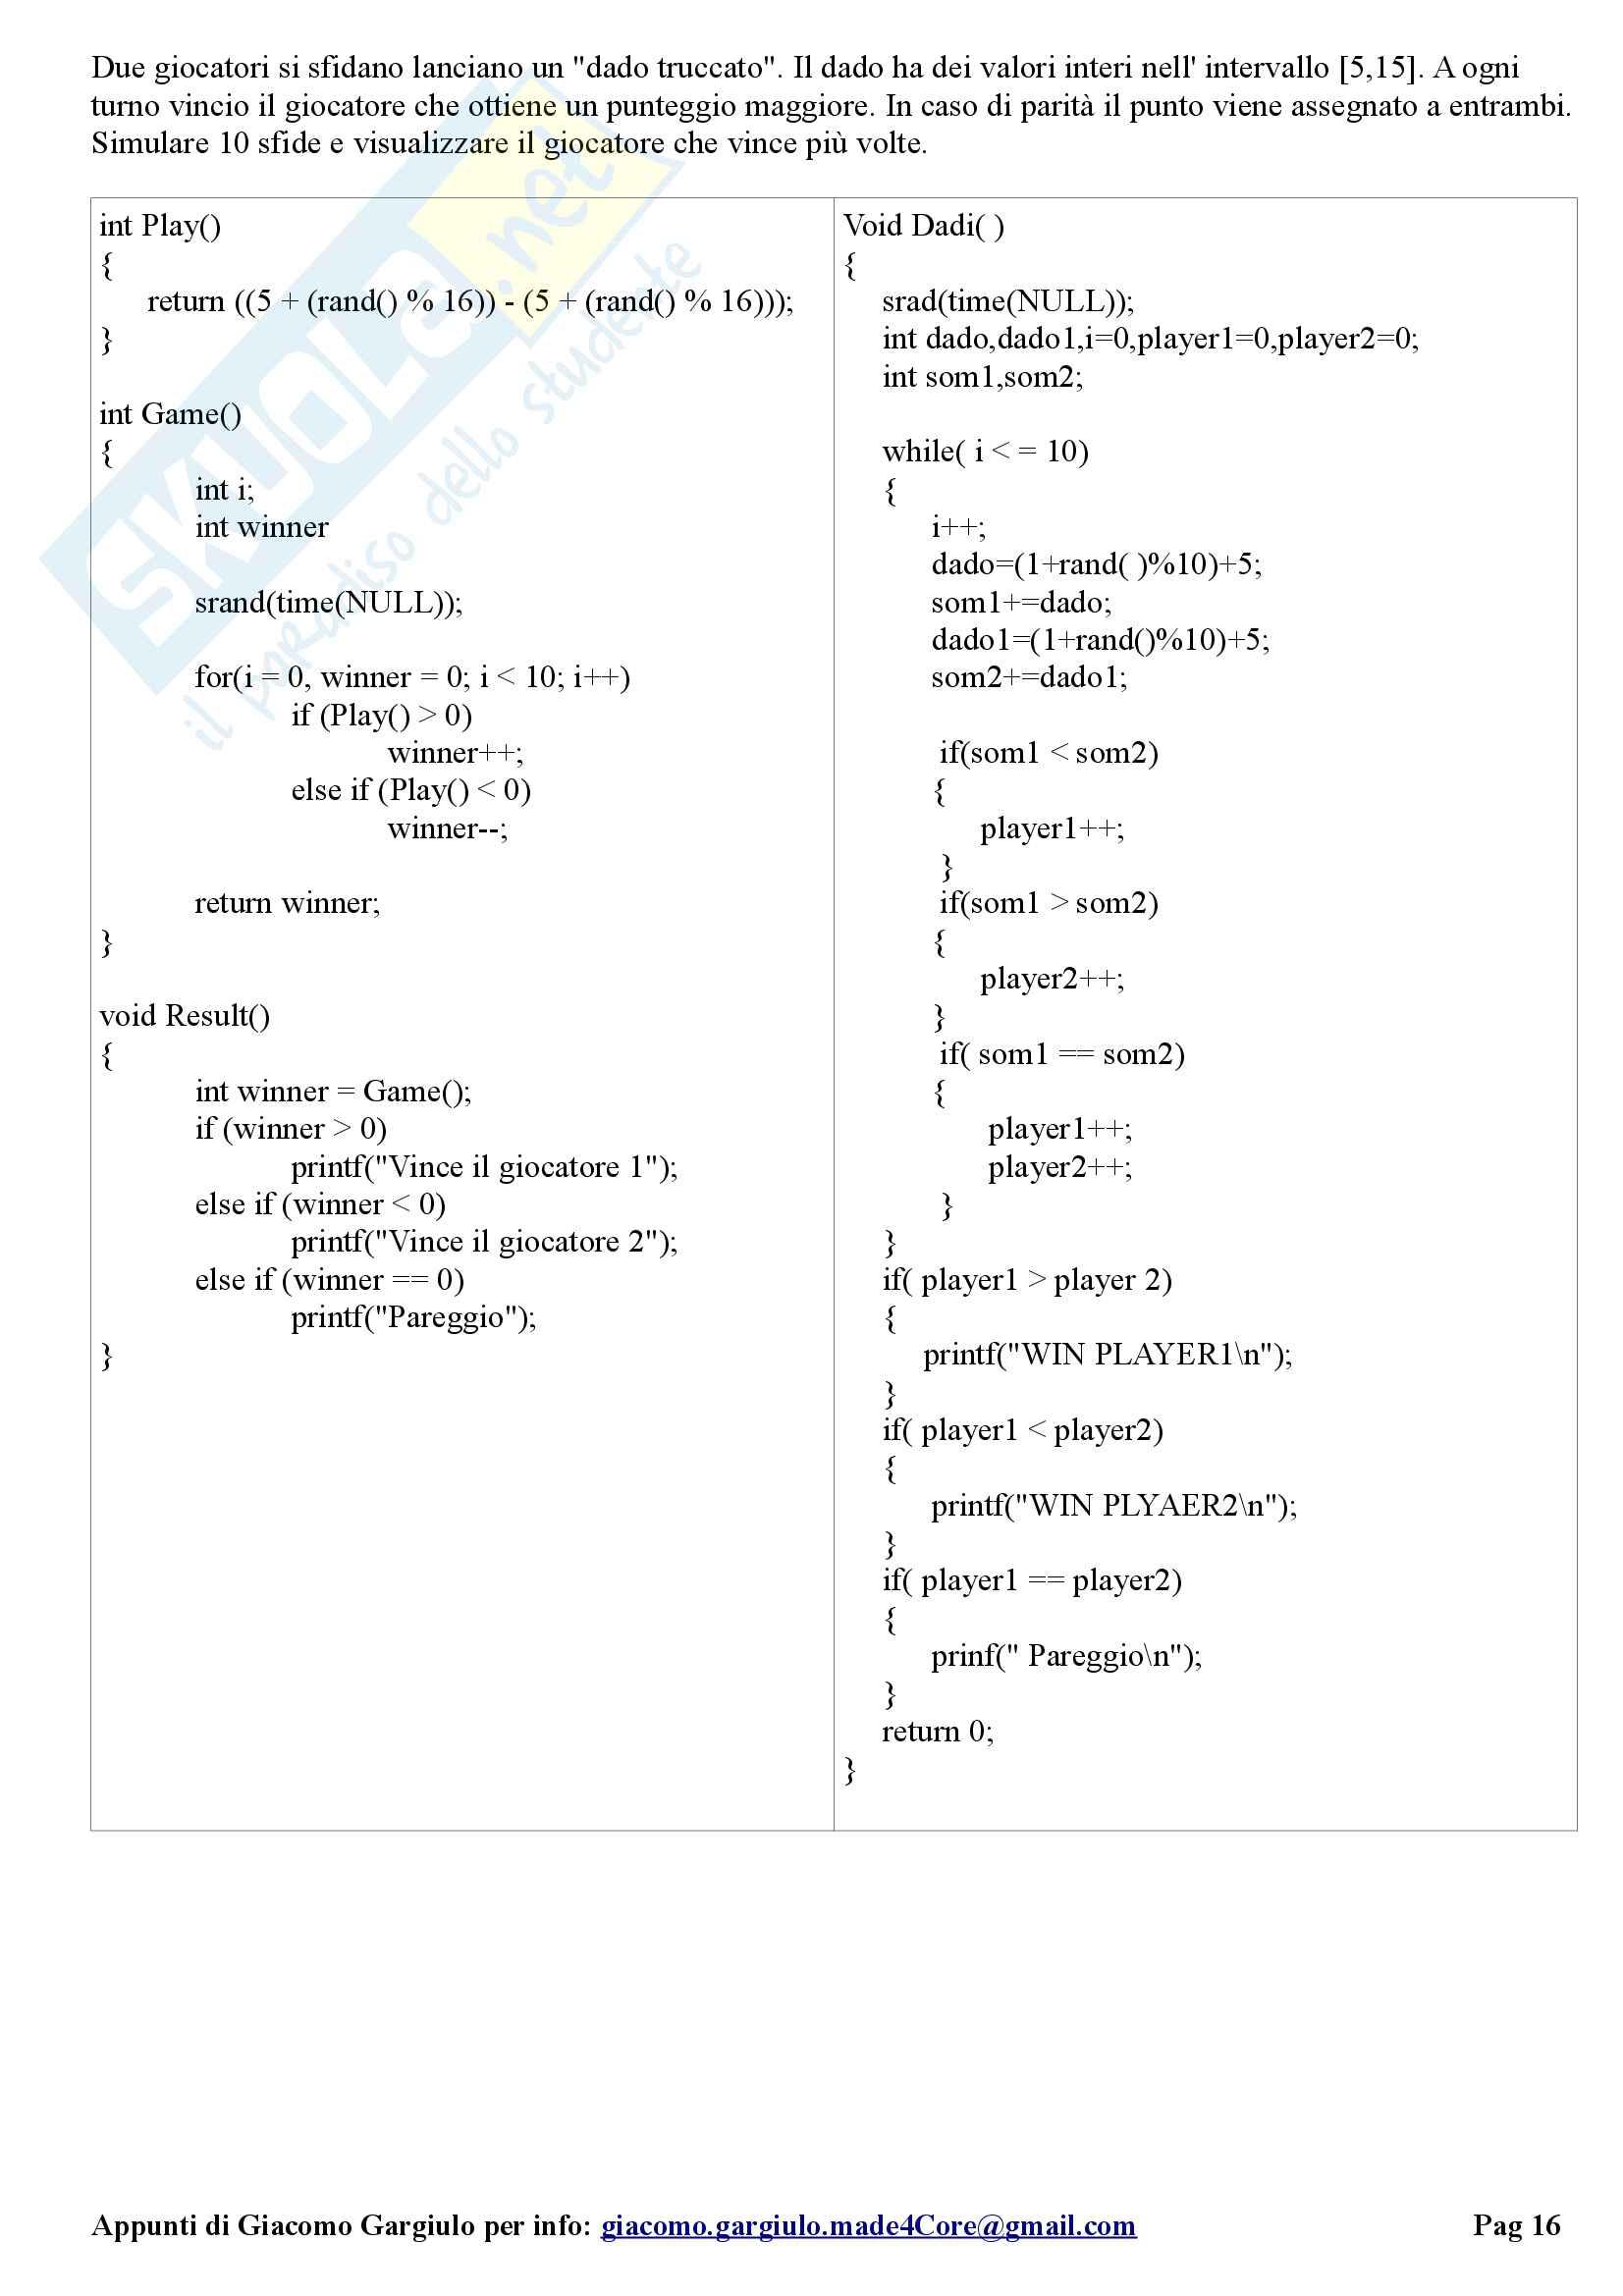 Soluzione Esercizi Esame Programmazione 1 Parthenope Pag. 16